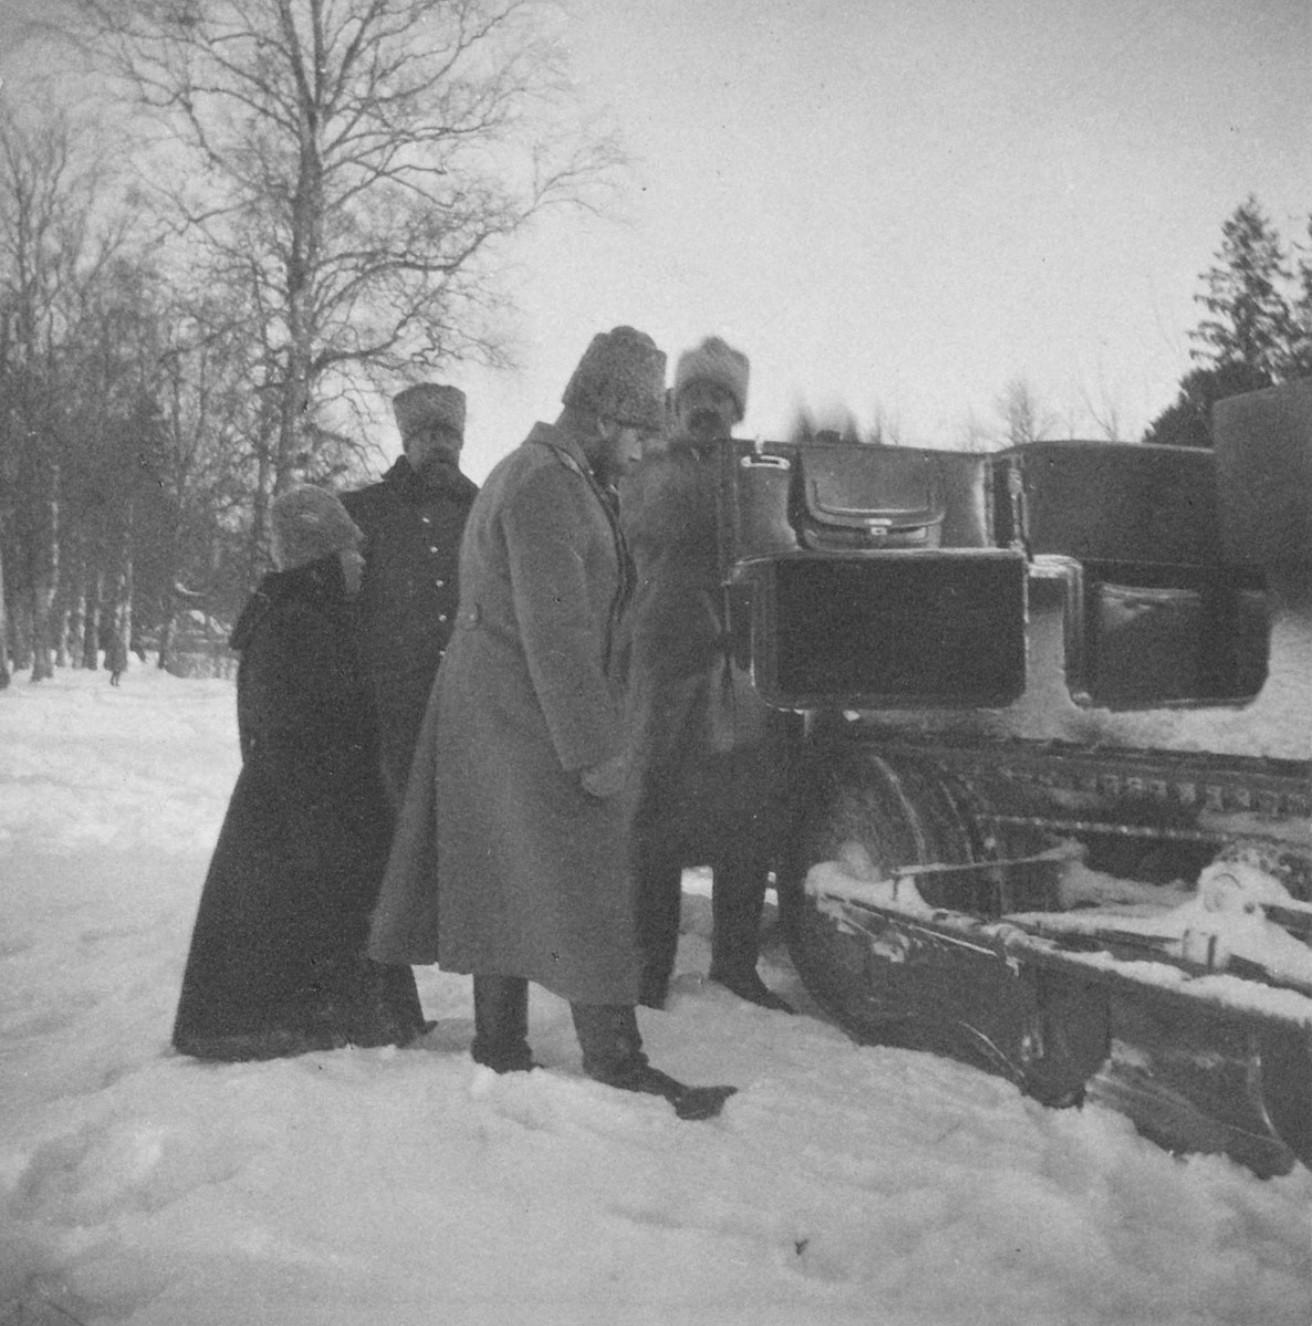 1914. Николай II садится в автомобиль-сани